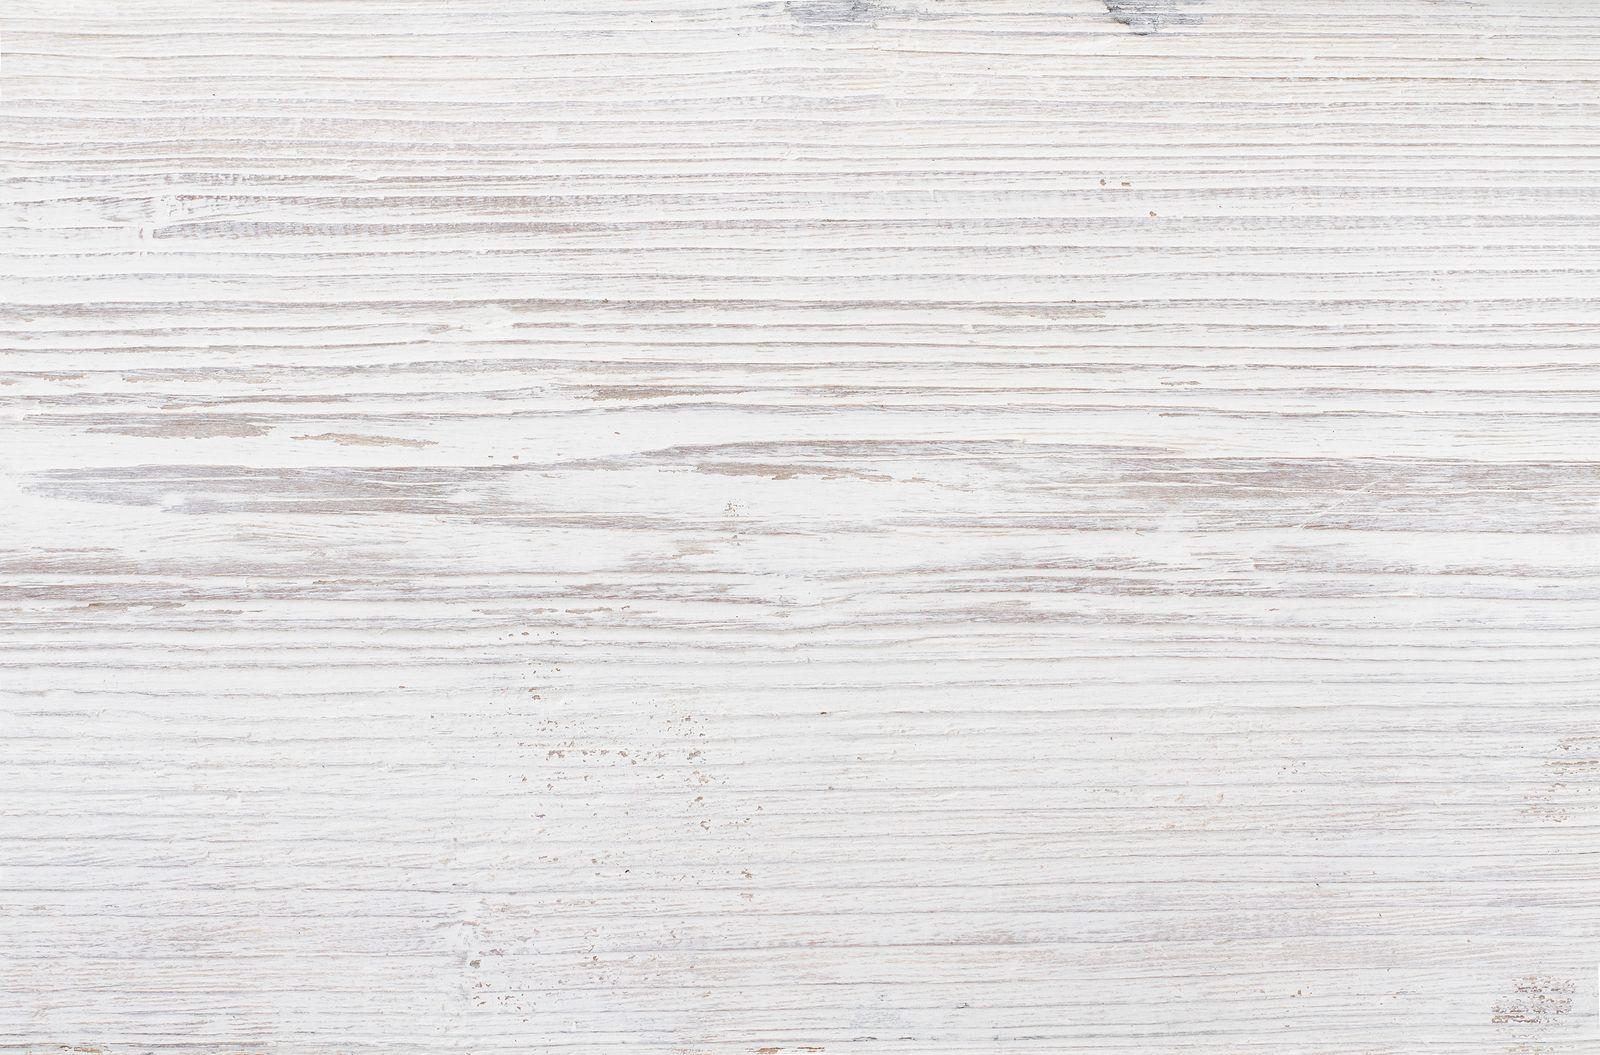 White Wood Floor Texture